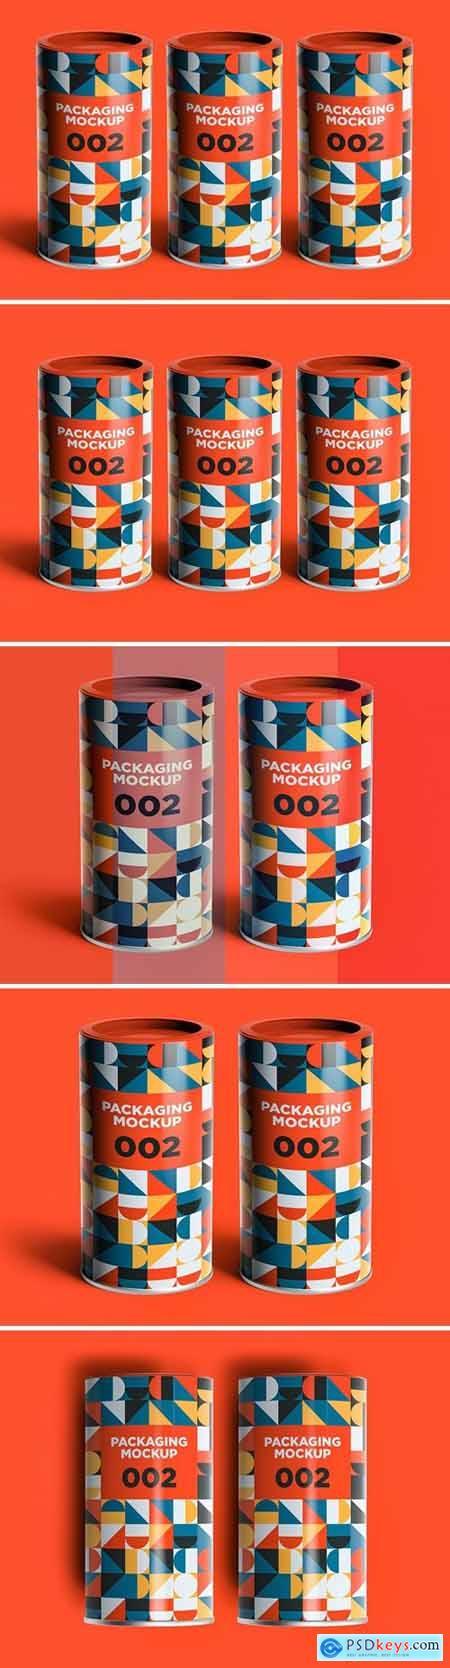 Packaging Mockup 002